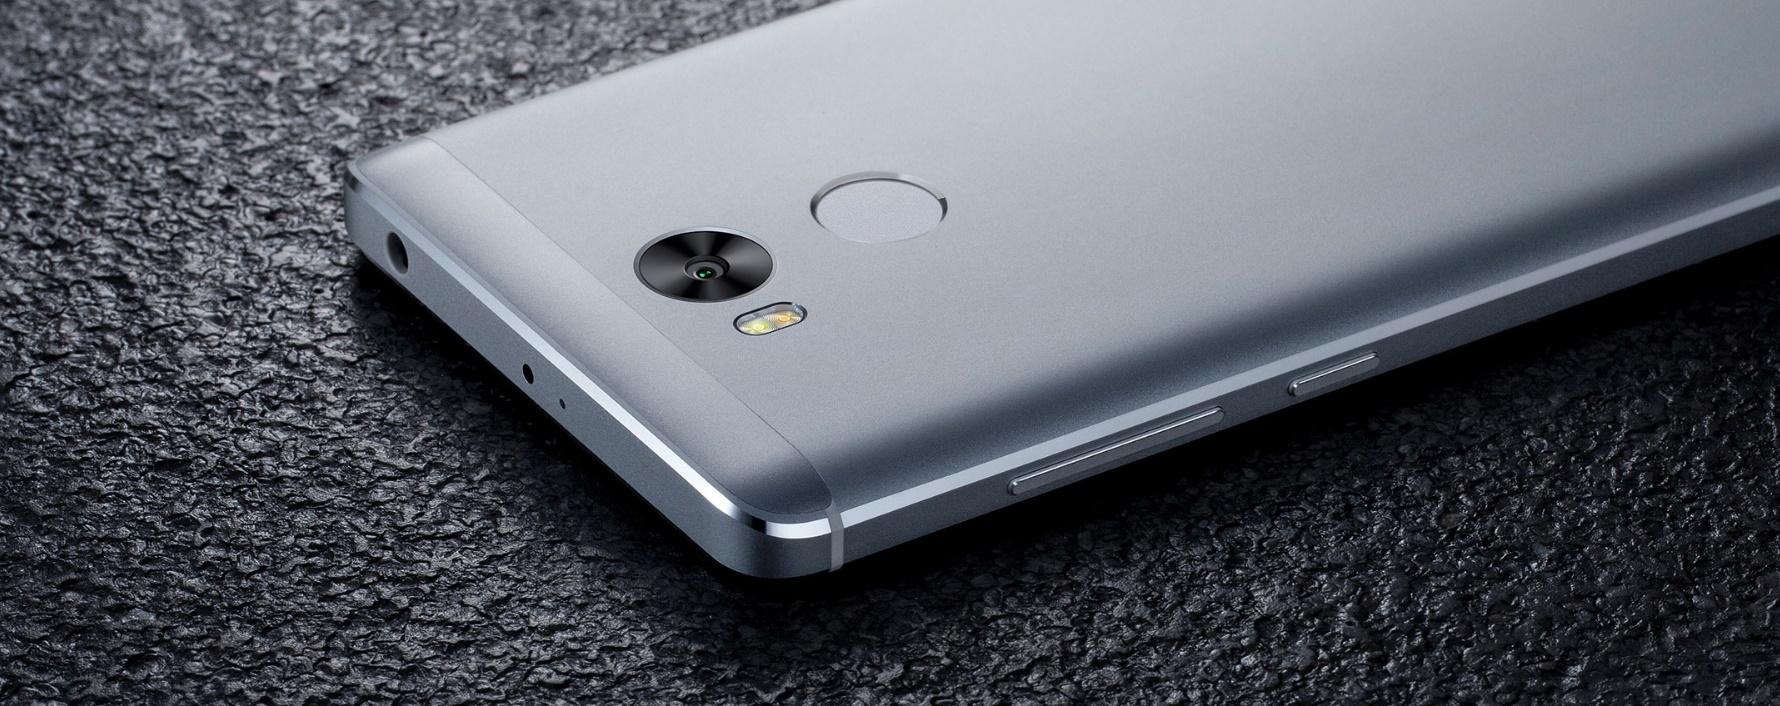 Xiaomi Zwei Redmi 4 Versionen Und Ein 4a Angekndigt 2 16gb Gold Whrend Das Erst Am 11 November Verfgbar Sein Wird Gibt Es Die Beiden Gerte In China Bereits Ab 7 Den Farben